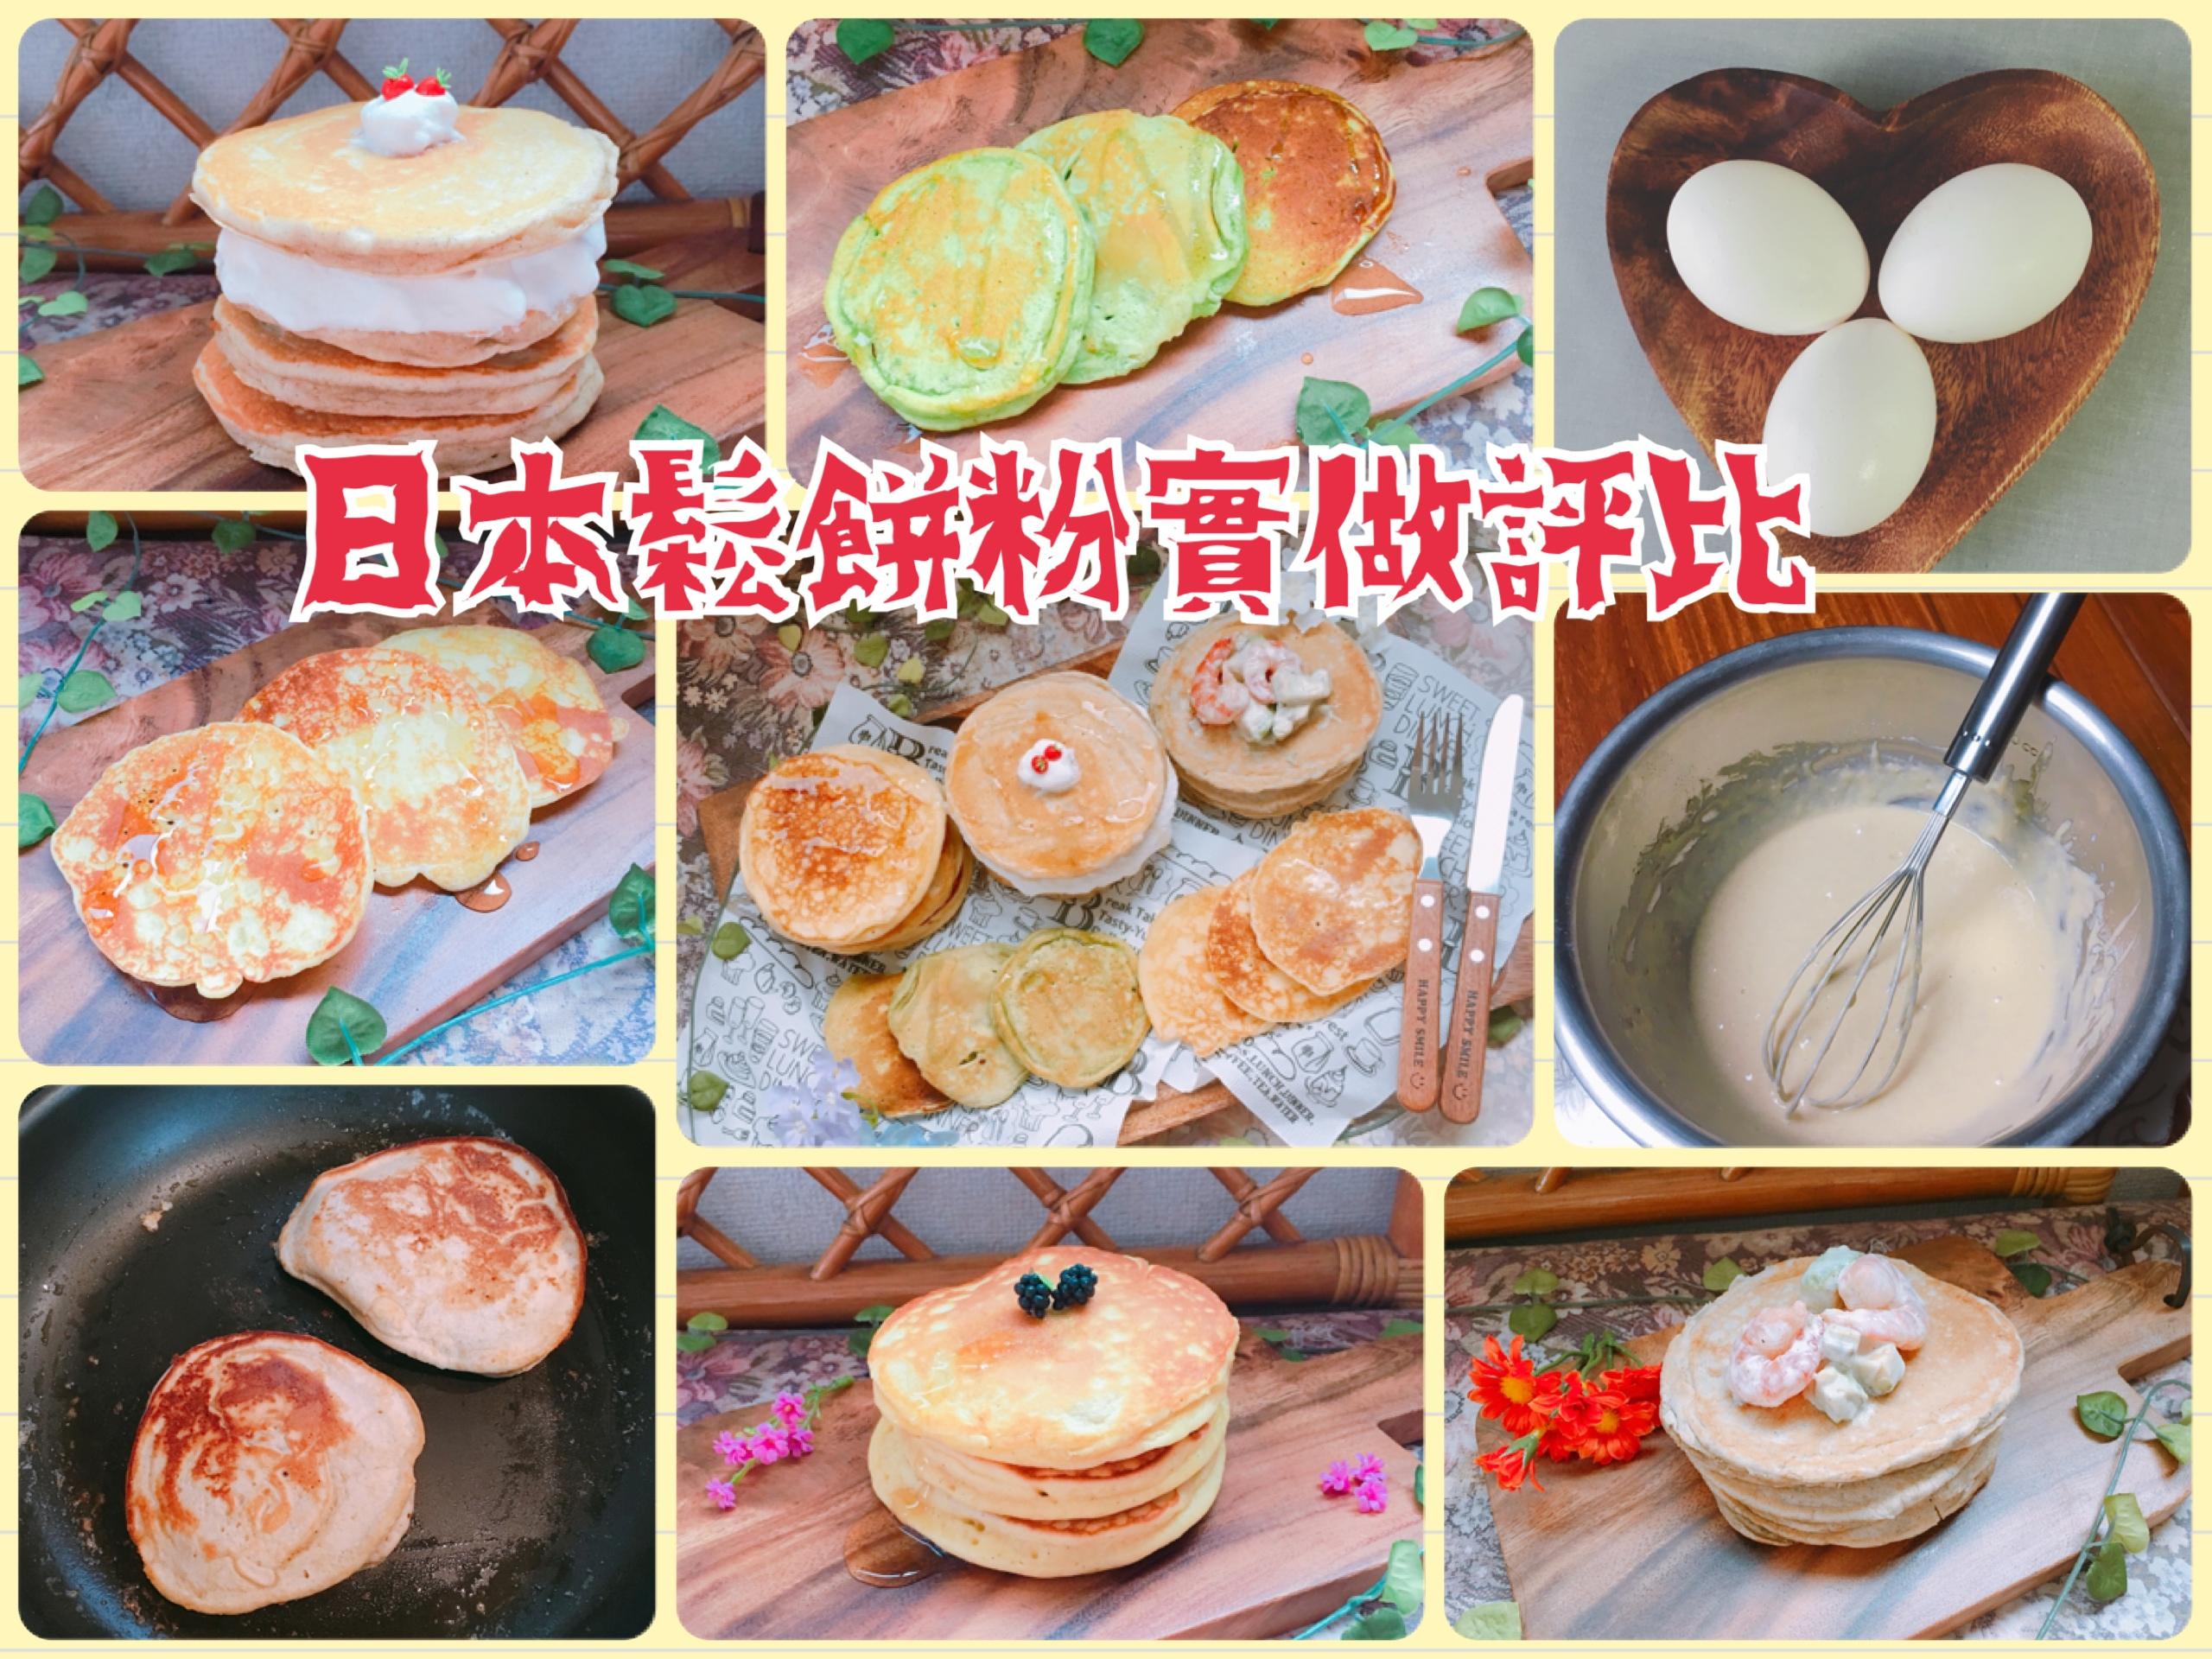 日本人氣鬆餅粉實做評比